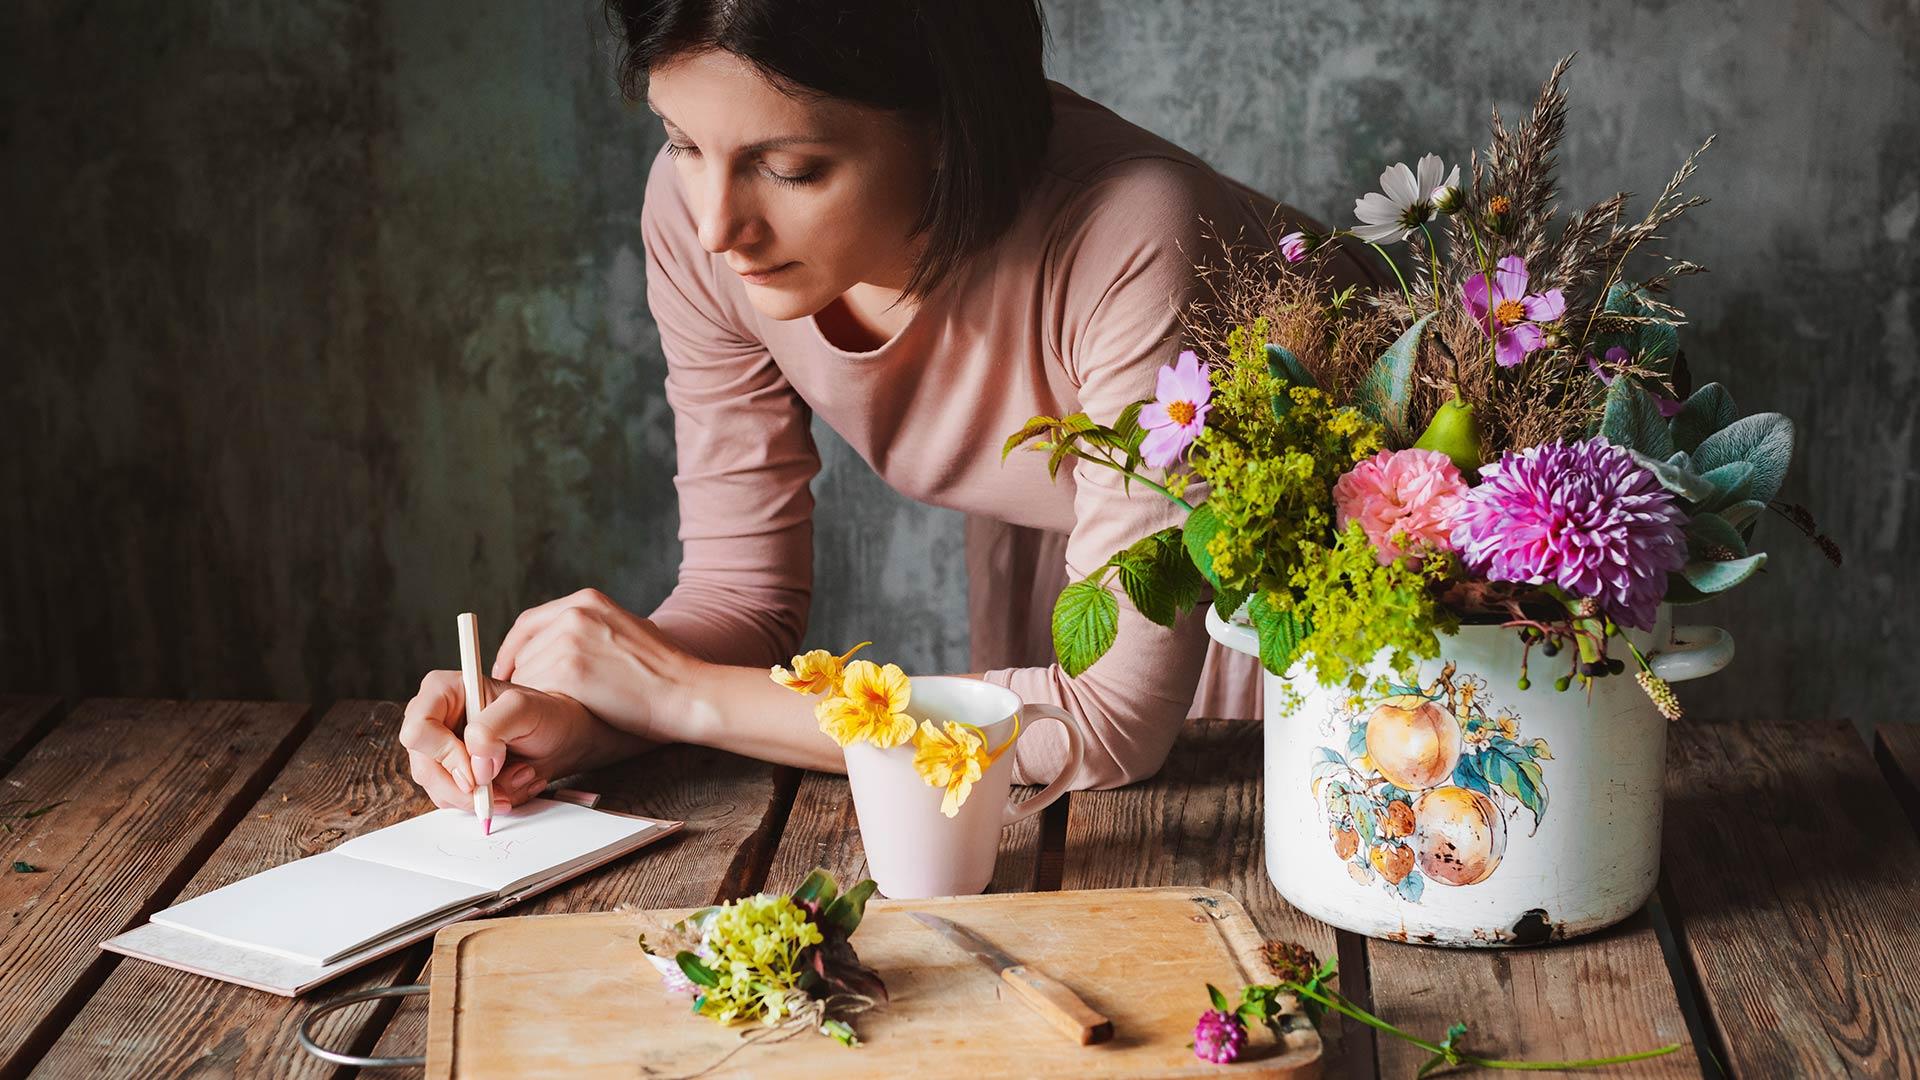 Видео мастер-класс «Как акварелью нарисовать цветочную композицию»